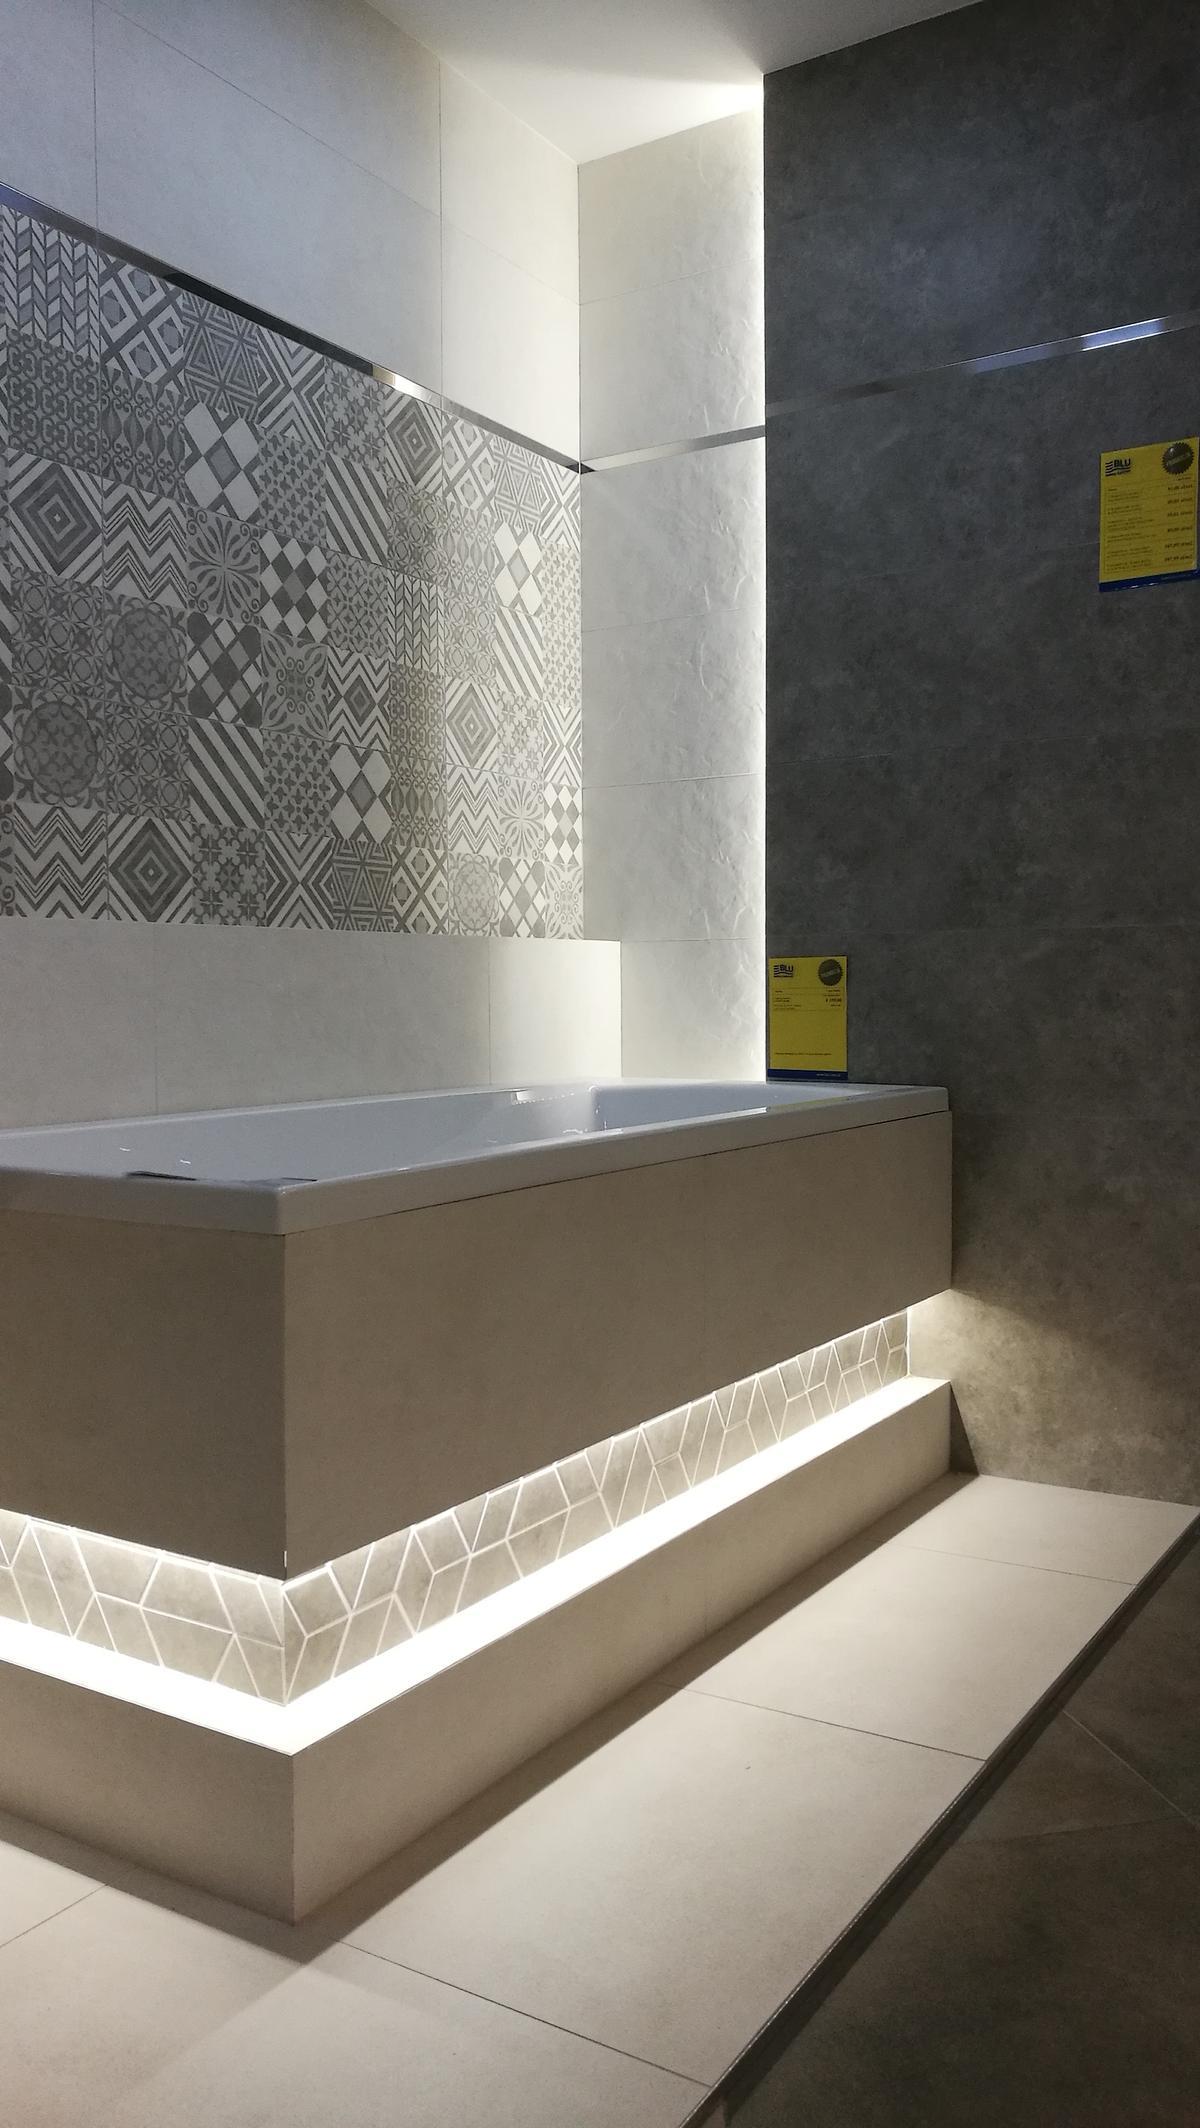 Patchworkowy szyk w łazience - Tubądzin Igara - zdjęcie od BLU salon łazienek Siedlce